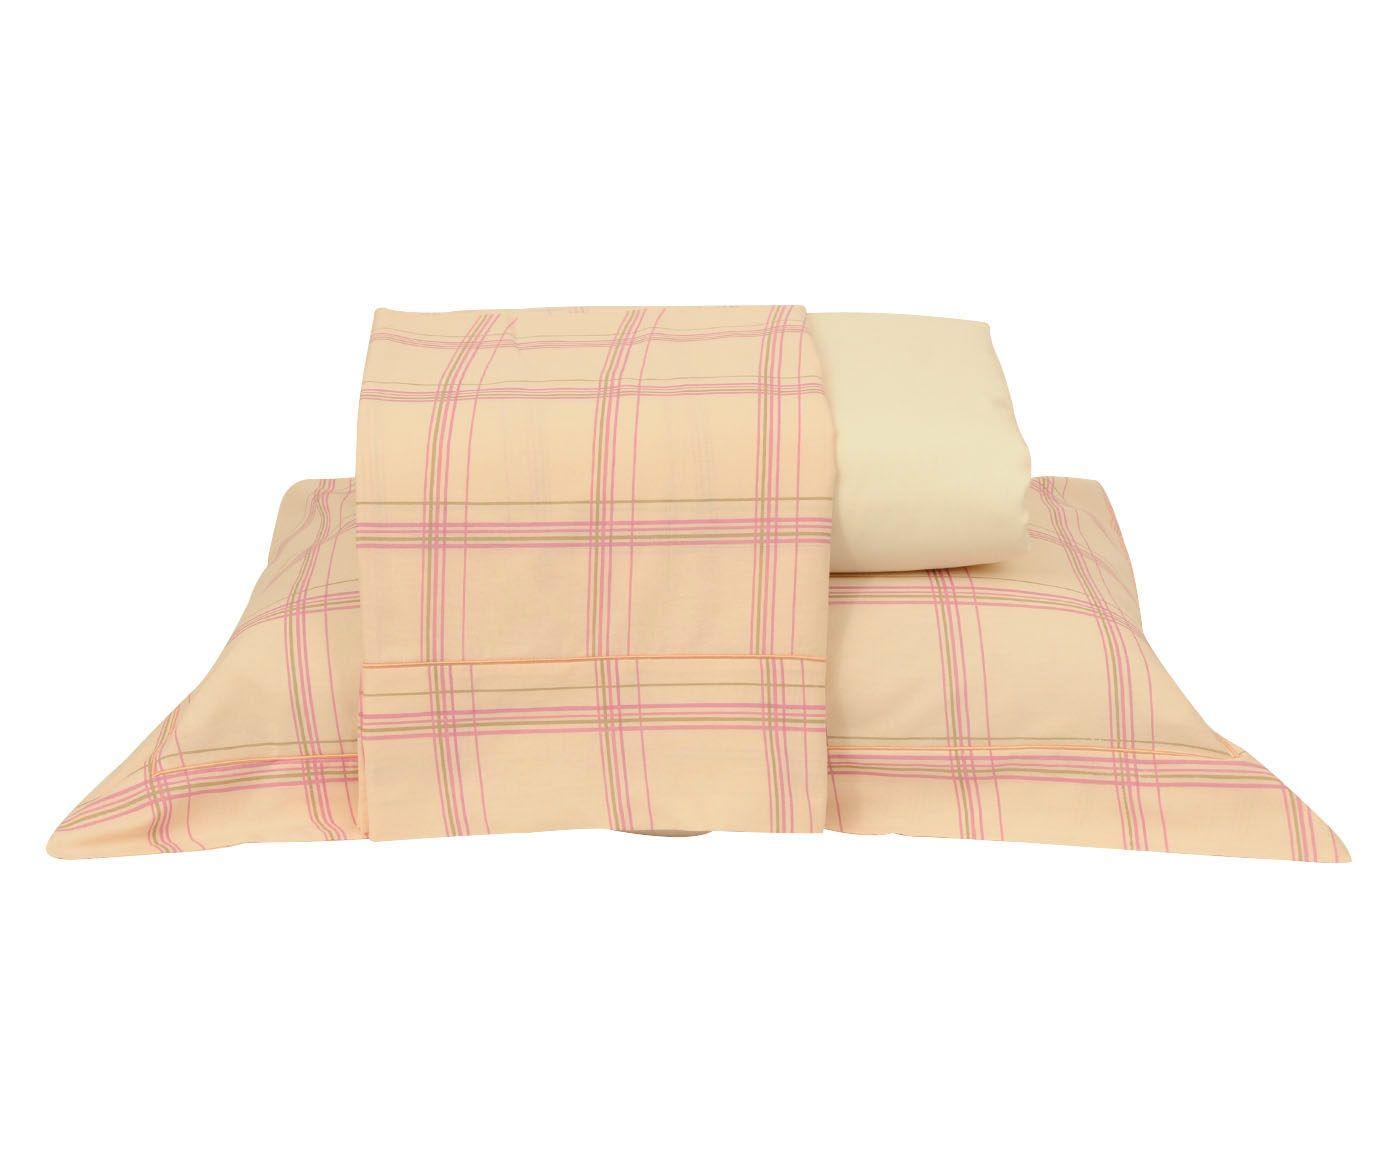 Jogo de lençol versatt p/ cama de solteiro 150 fios - effect | Westwing.com.br